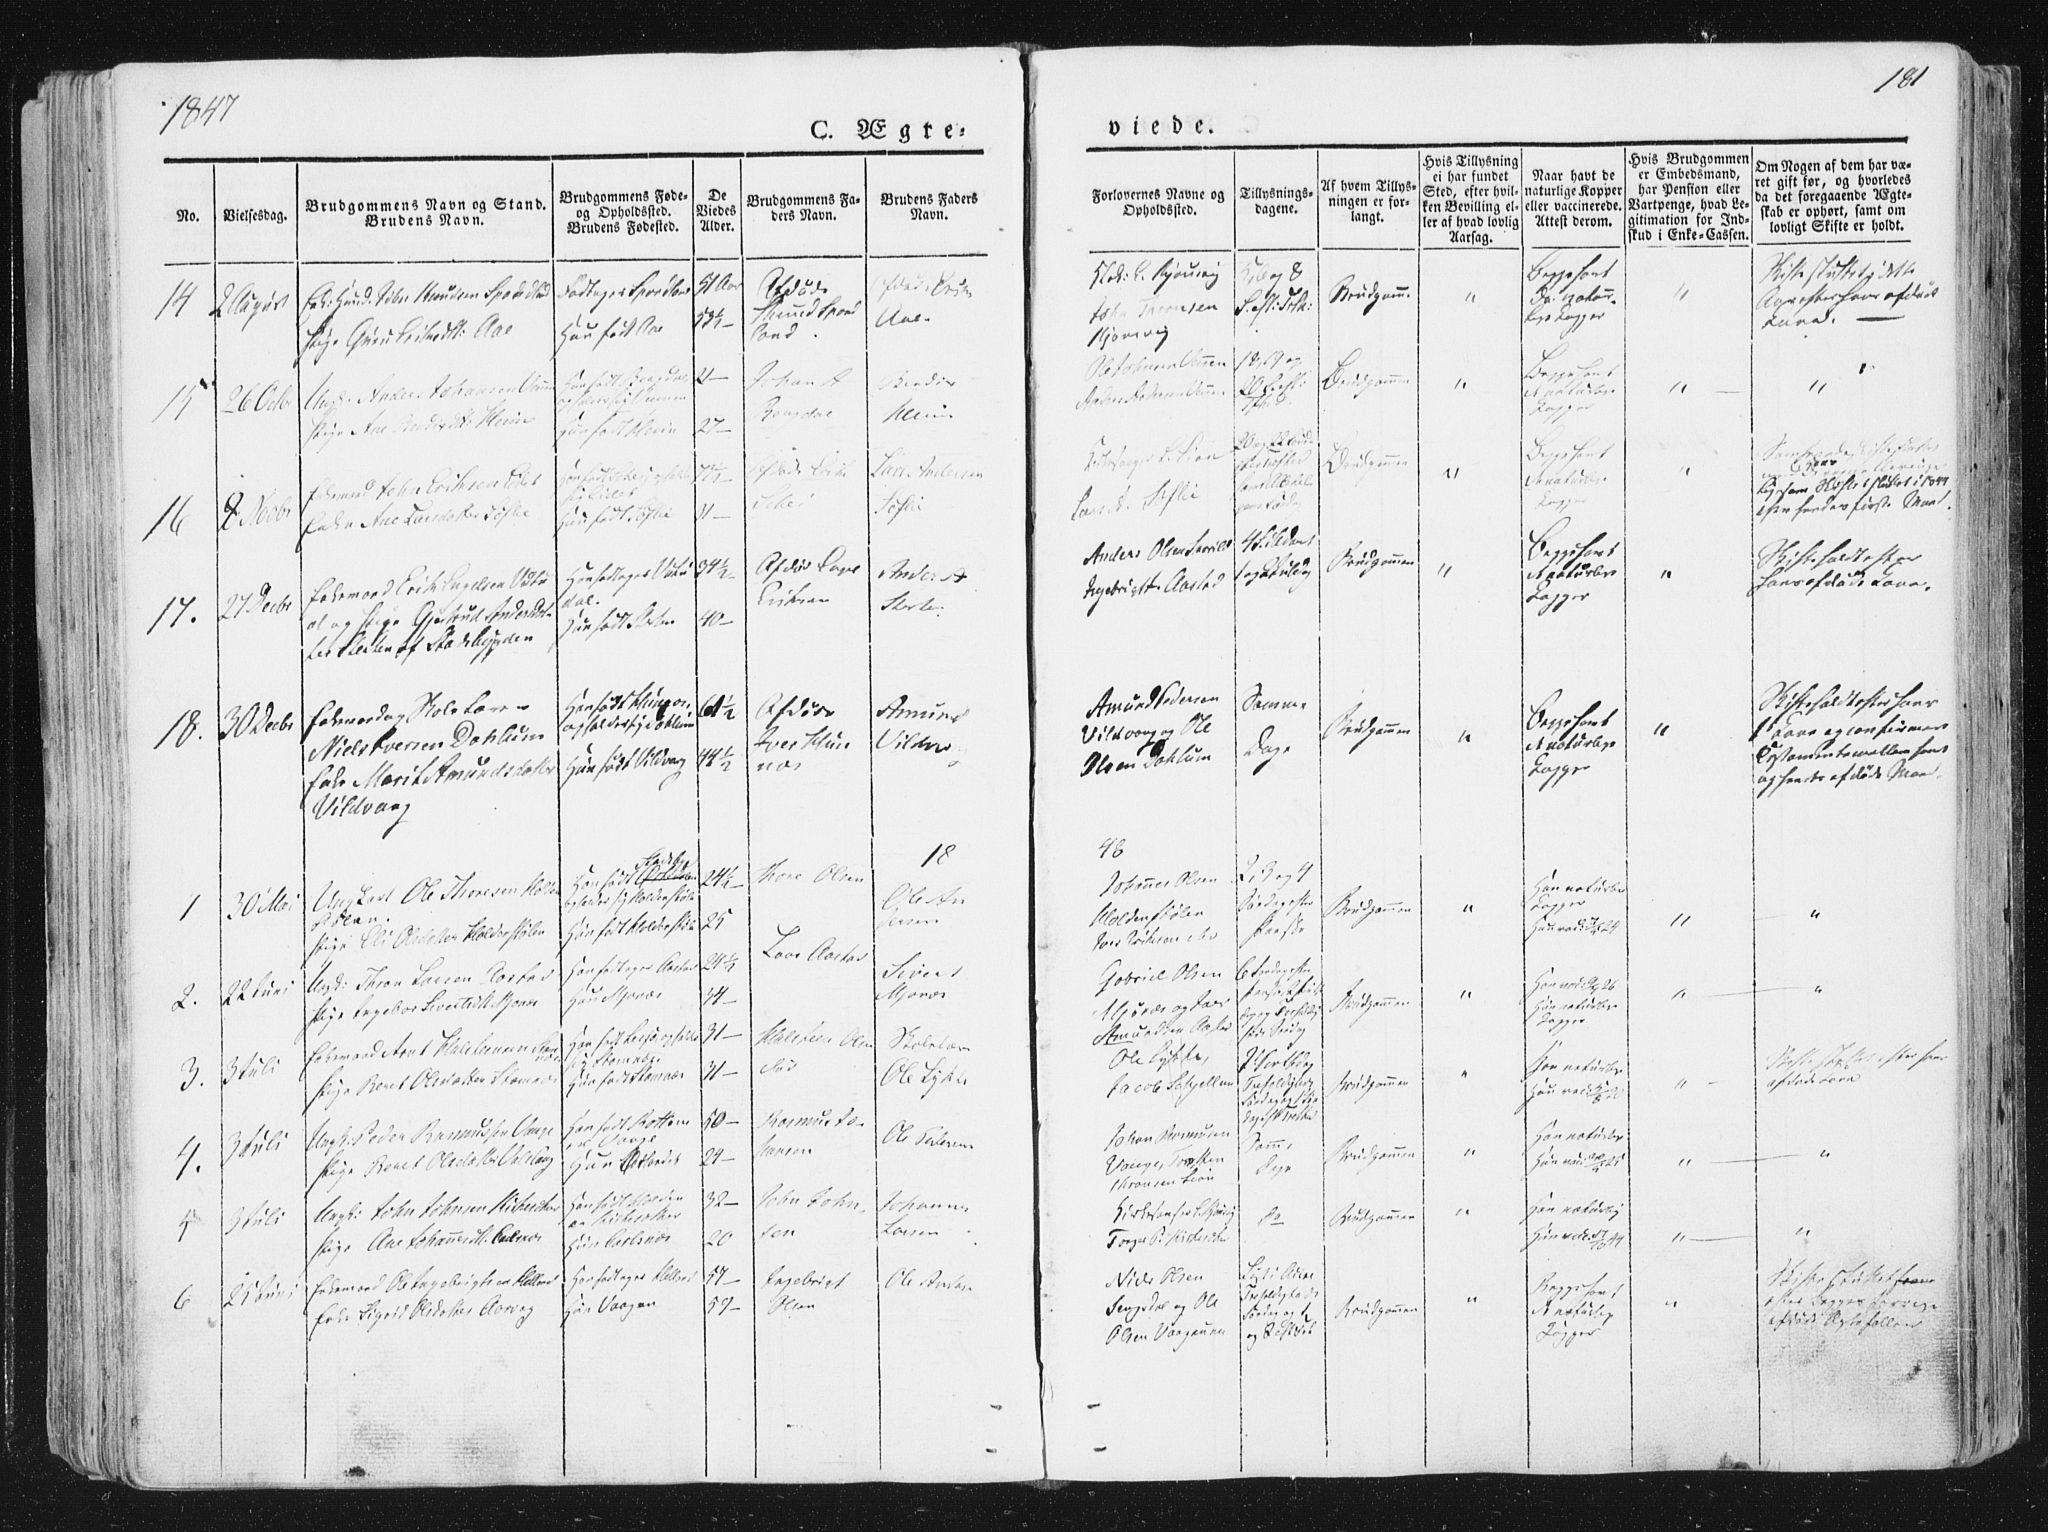 SAT, Ministerialprotokoller, klokkerbøker og fødselsregistre - Sør-Trøndelag, 630/L0493: Ministerialbok nr. 630A06, 1841-1851, s. 181